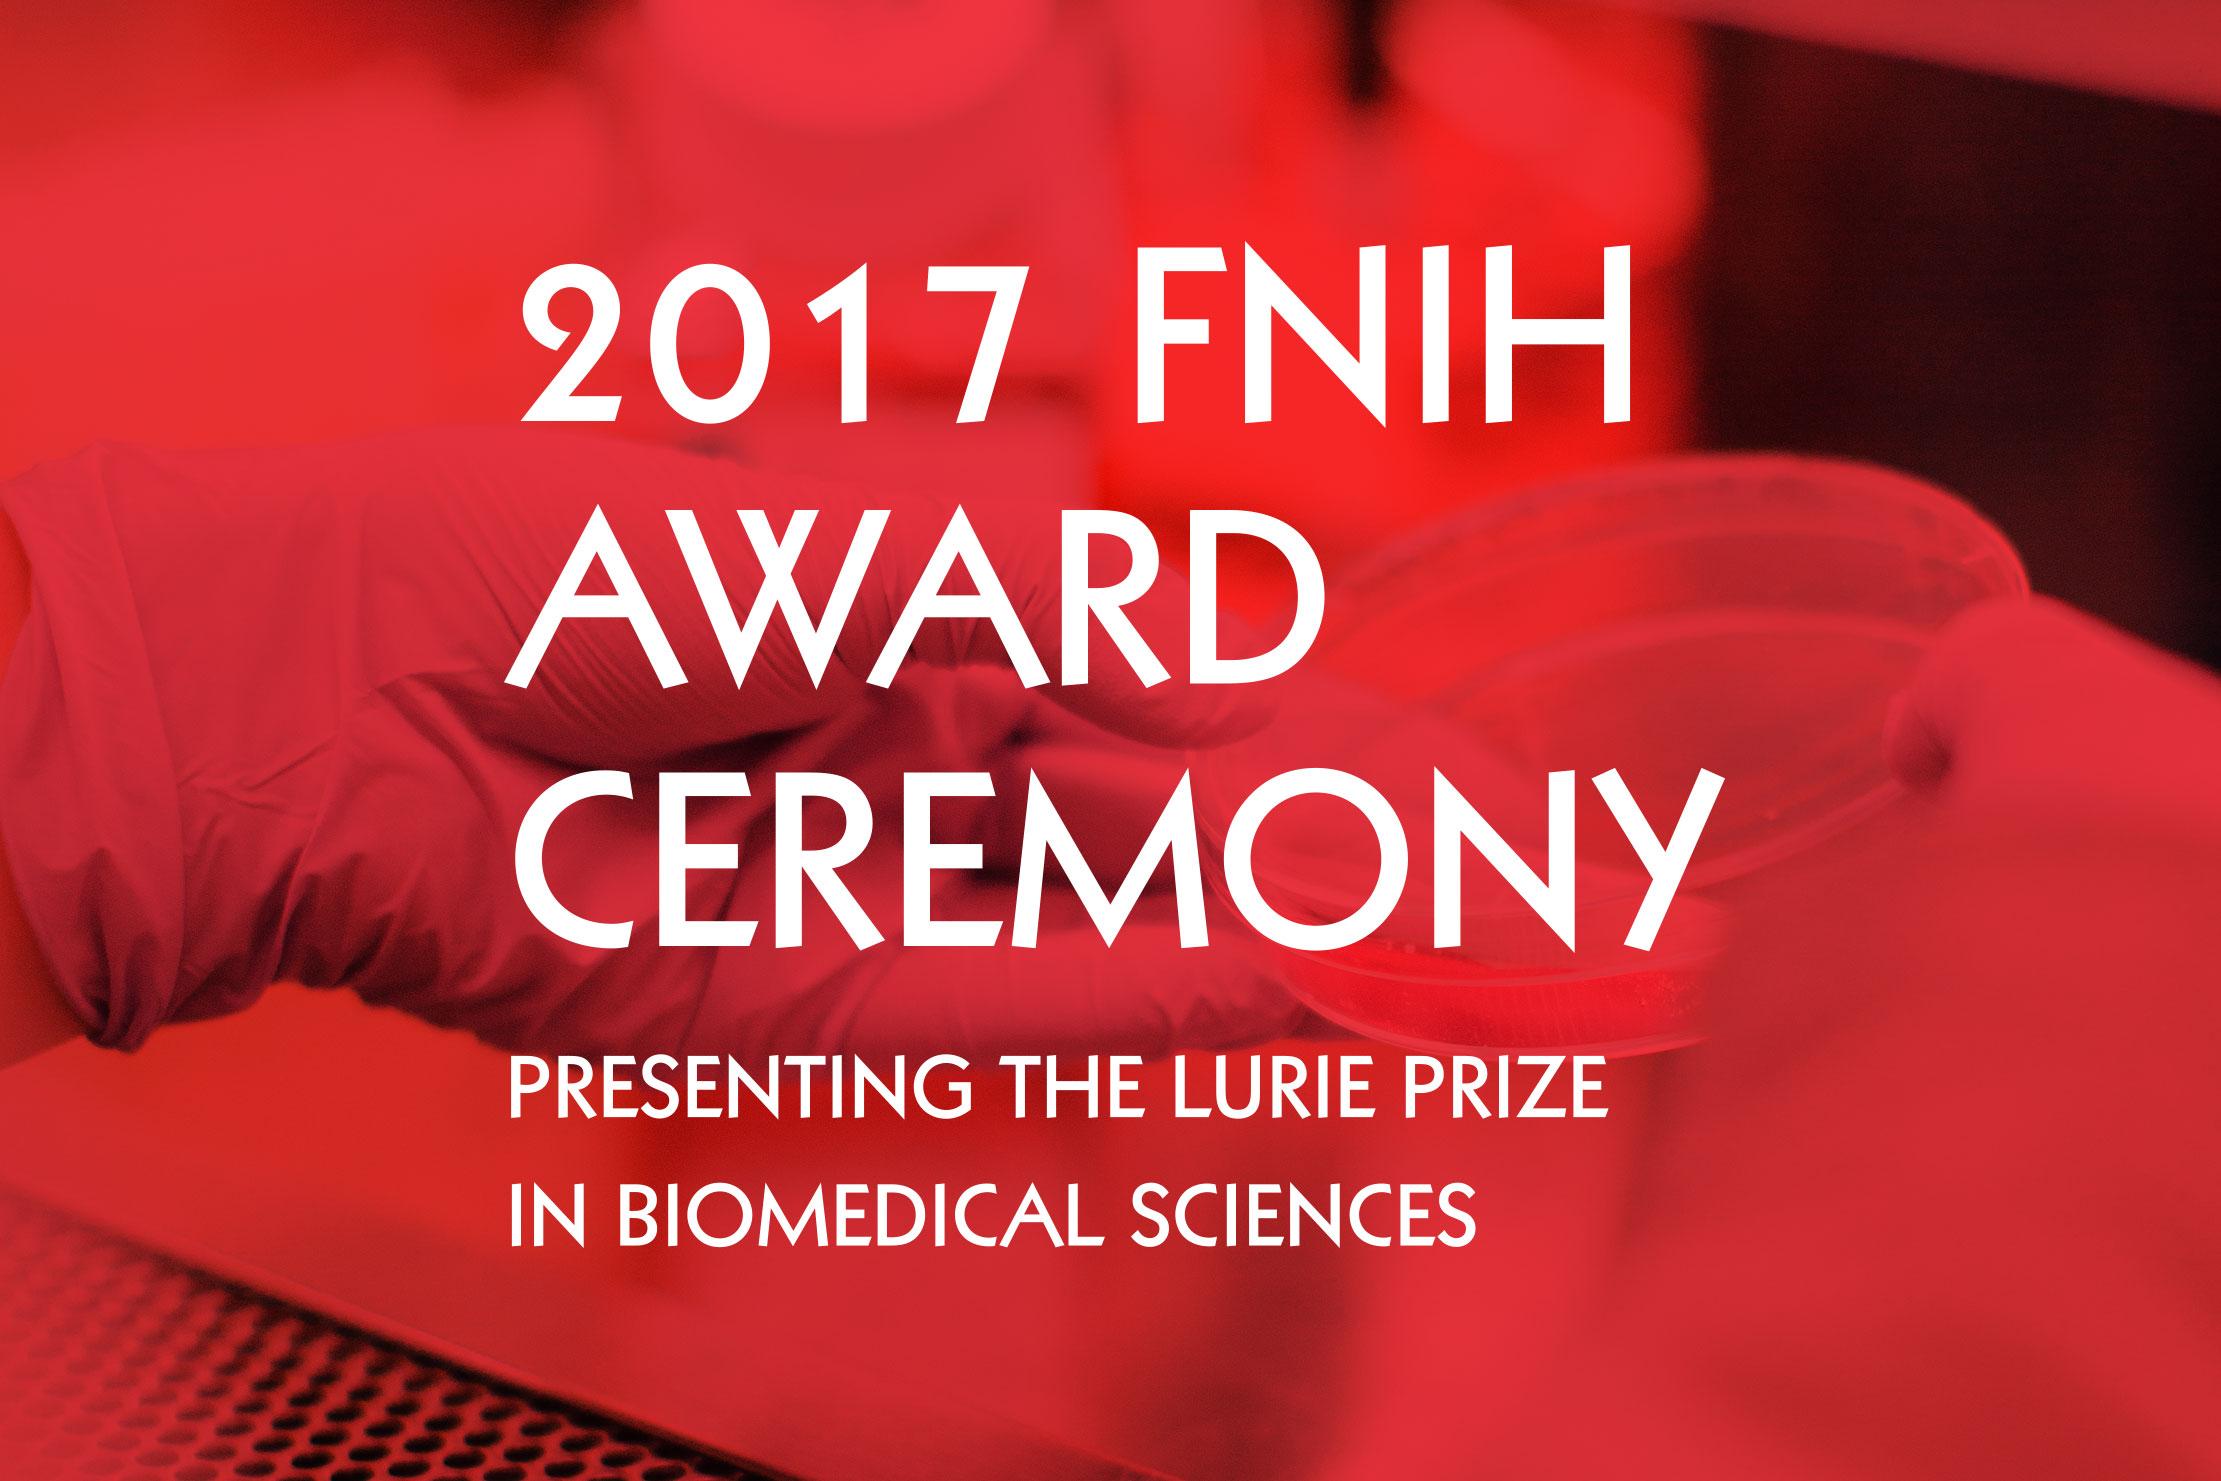 Award Ceremony Branding—FNIH Lurie Prize